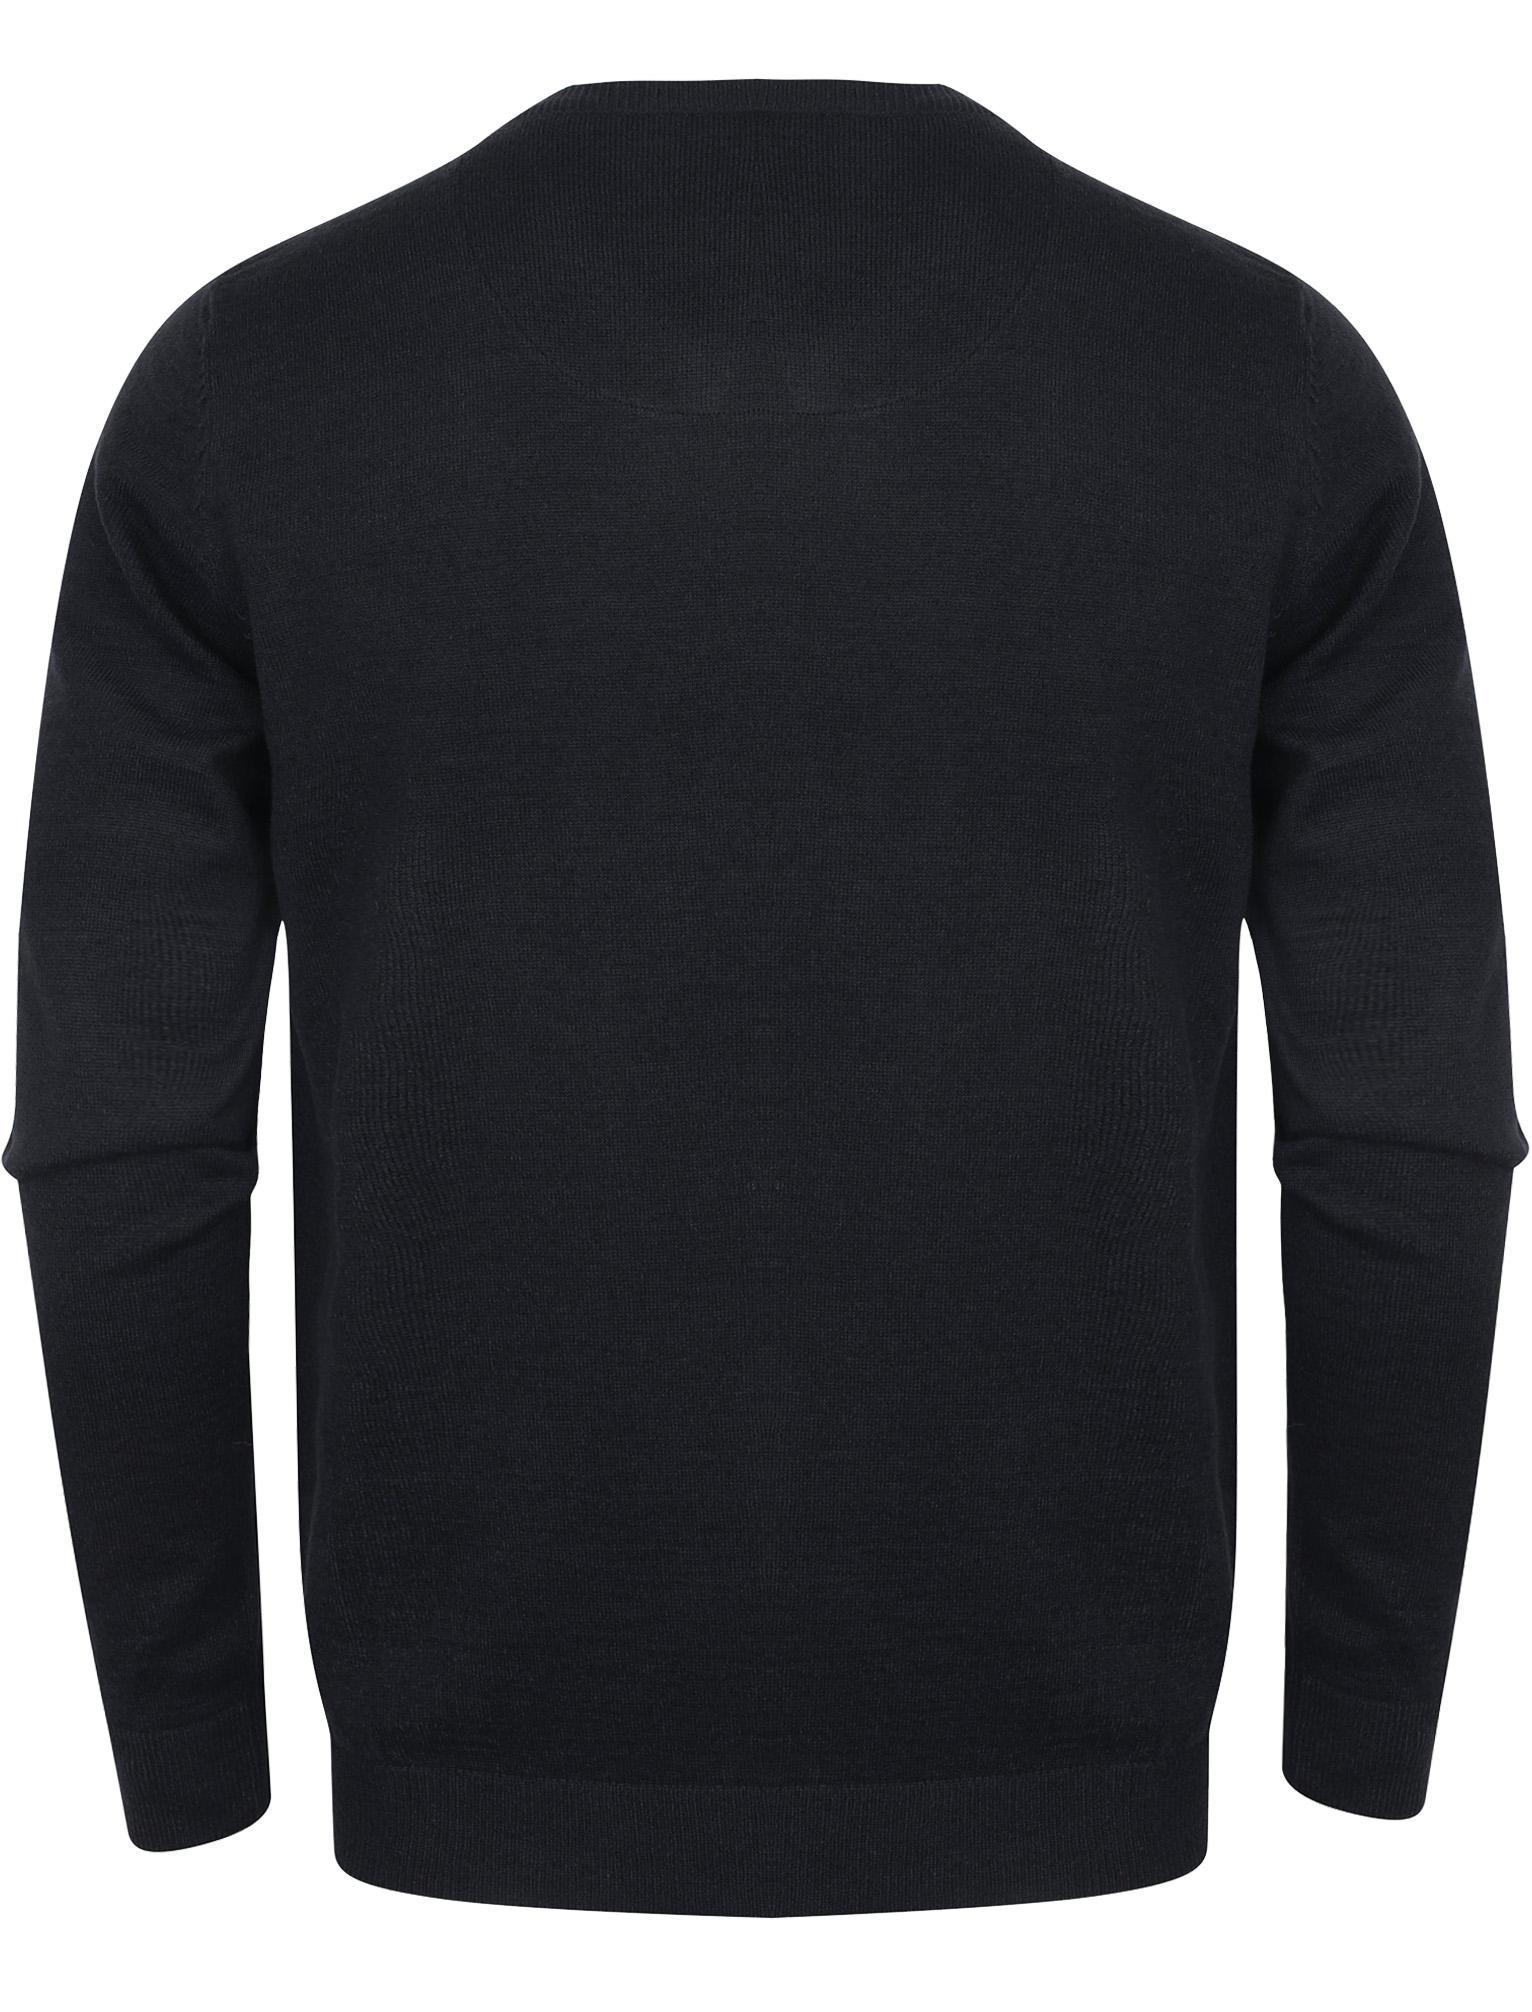 Kensington-Eastside-Men-039-s-Wool-Blend-Knitted-Crew-or-V-Neck-Jumper-Sweater-Top thumbnail 27